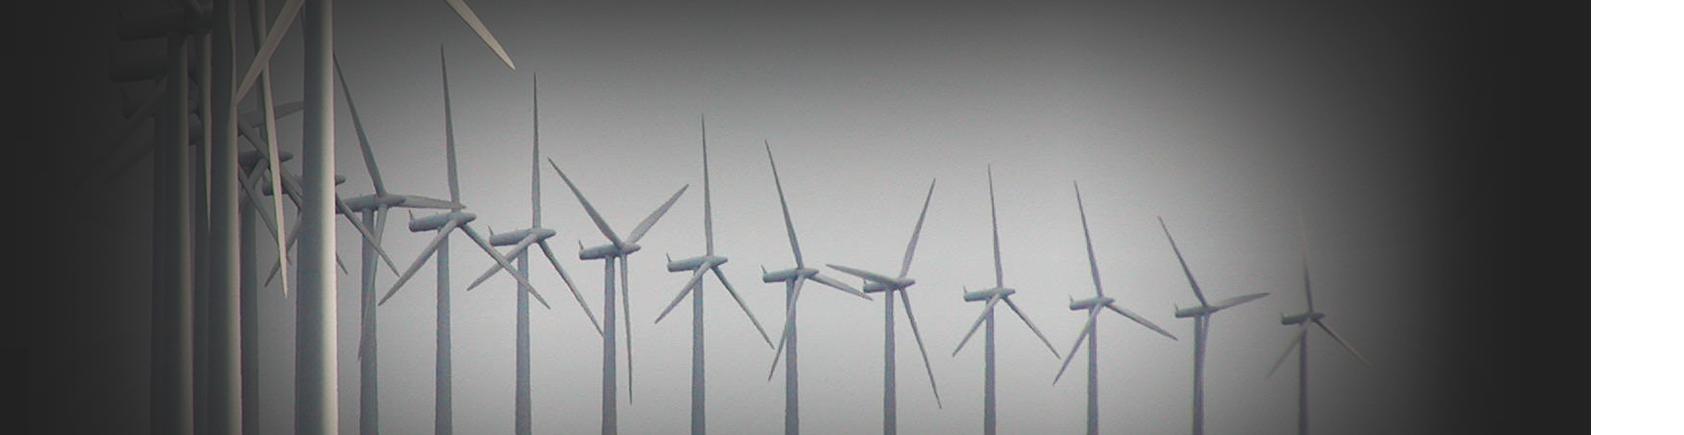 סייטק - פתרונות ניהול אנרגיה ואיכות חשמל לחברות חשמל